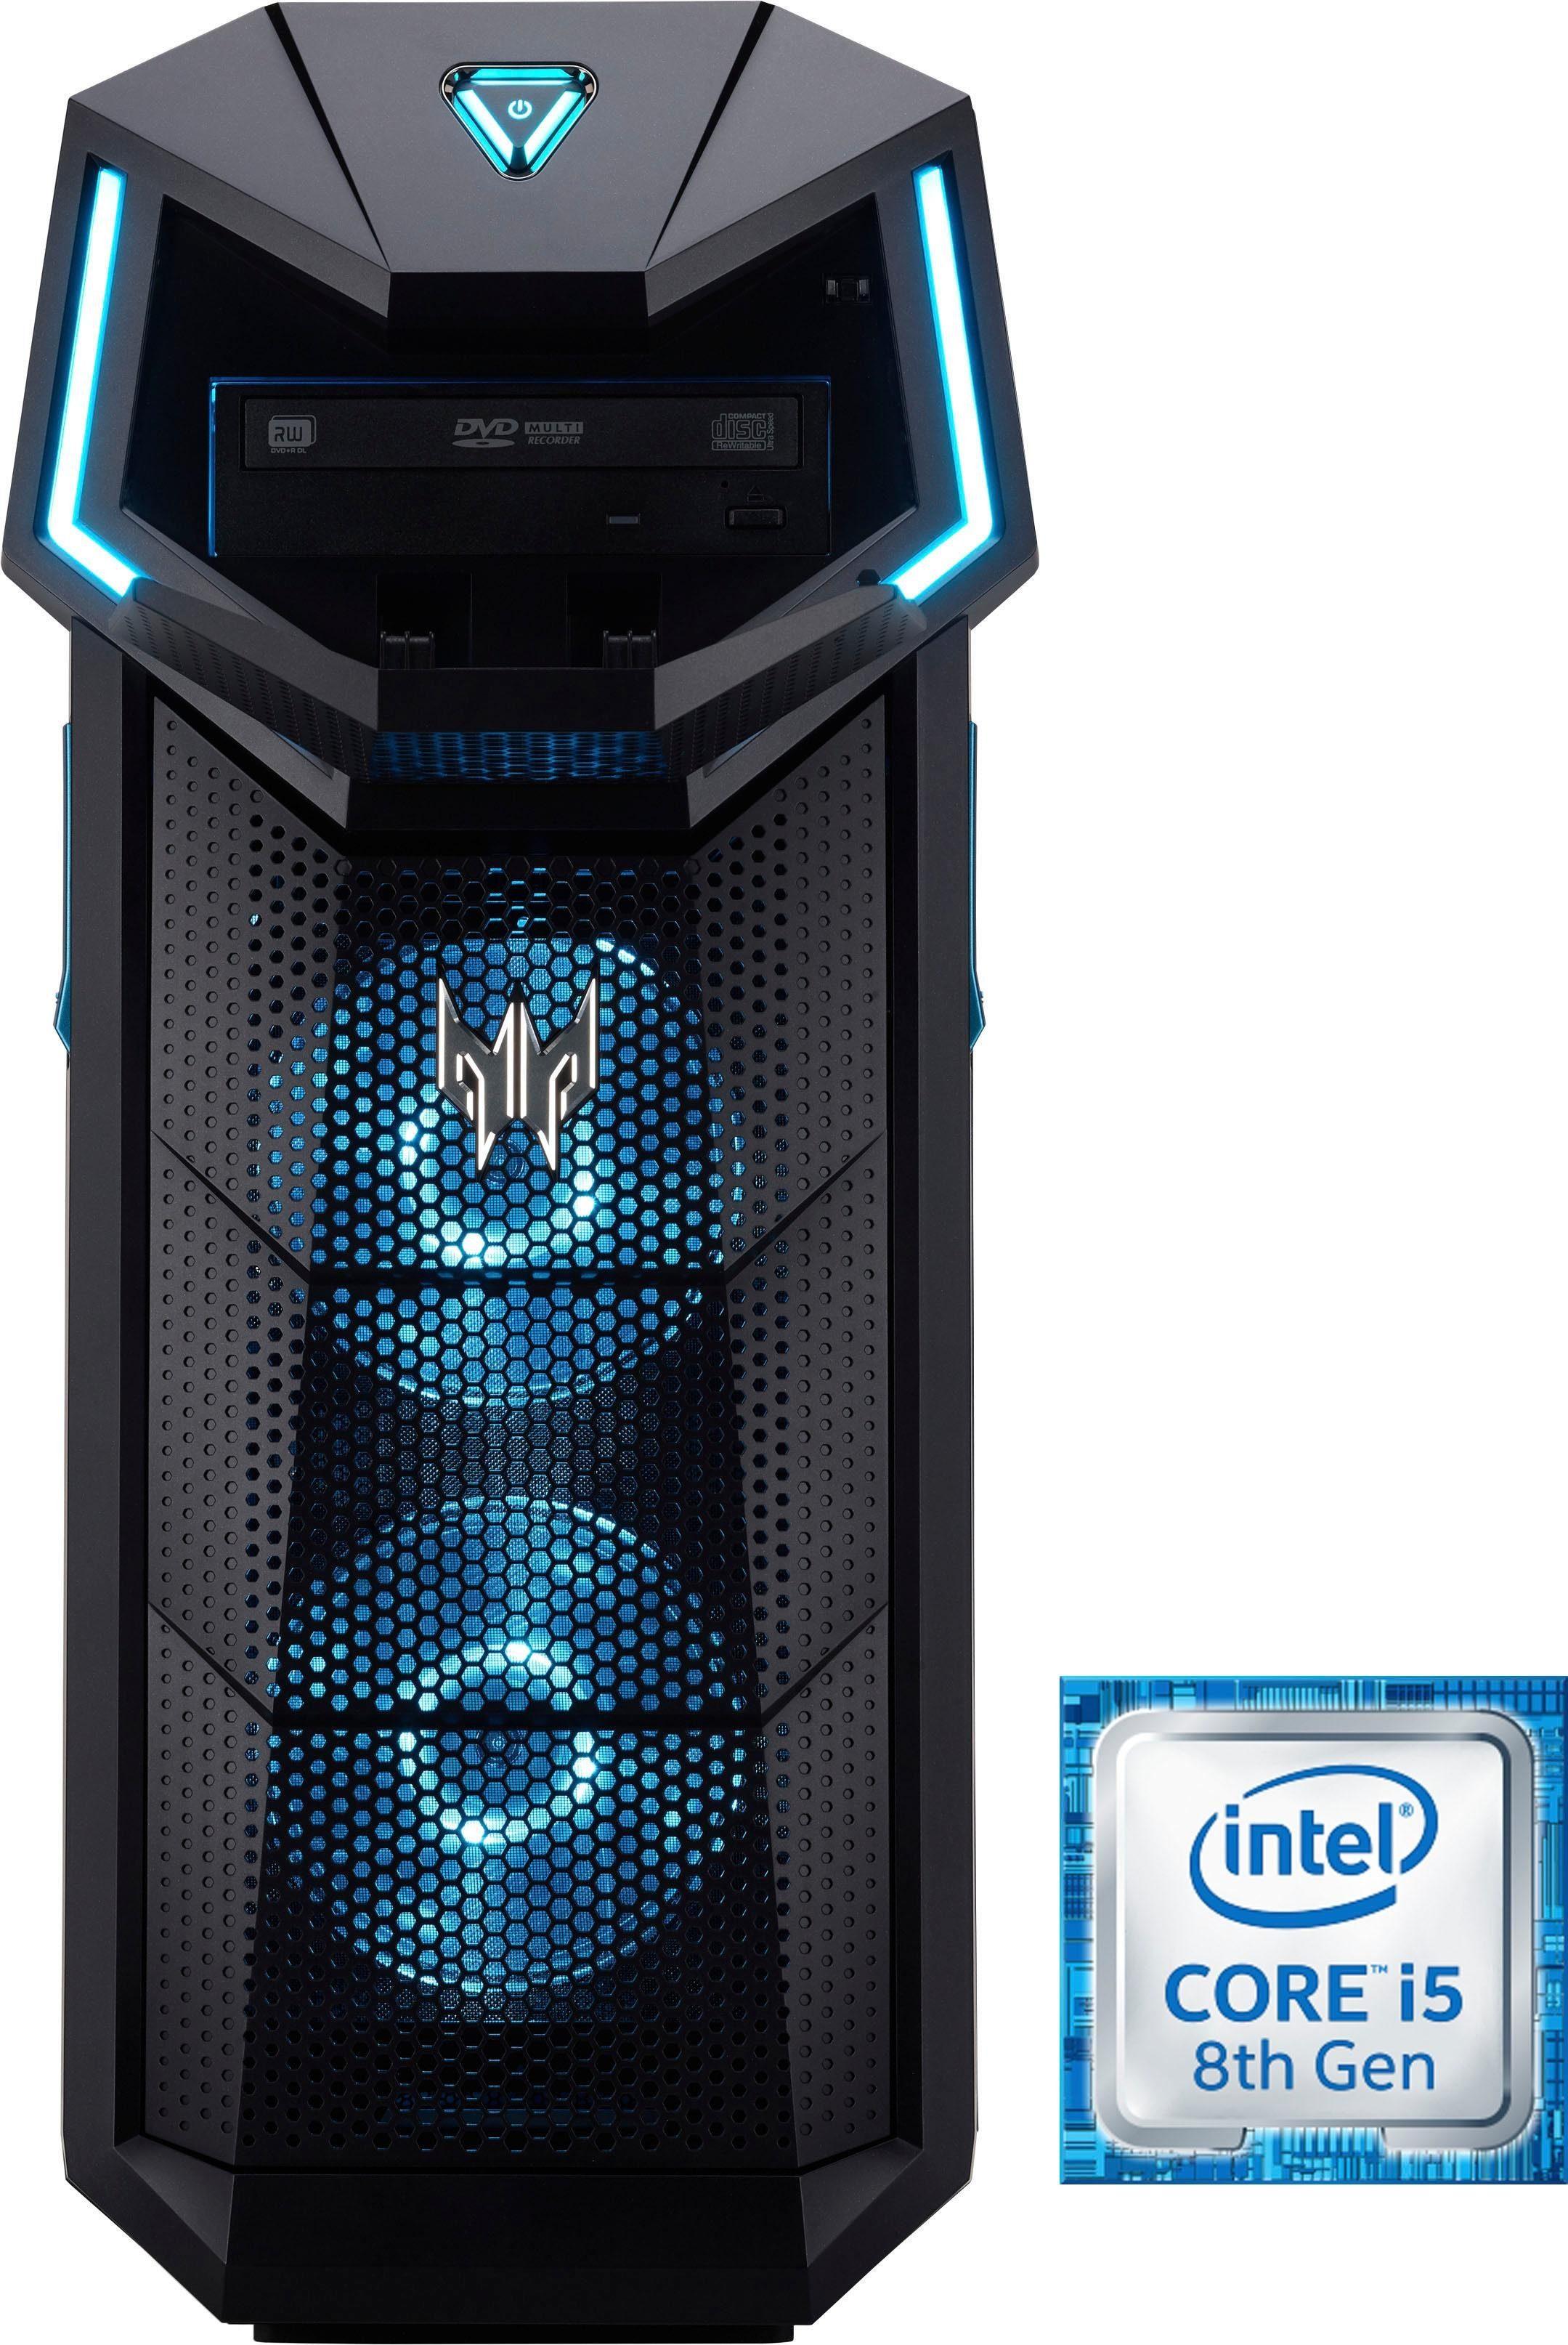 Acer Predator Orion 5000 DG.E0SEG.016 Gaming-PC (Intel Core i5, GTX 1060, 8 GB RAM, 1000 GB HDD, 128 GB SSD)